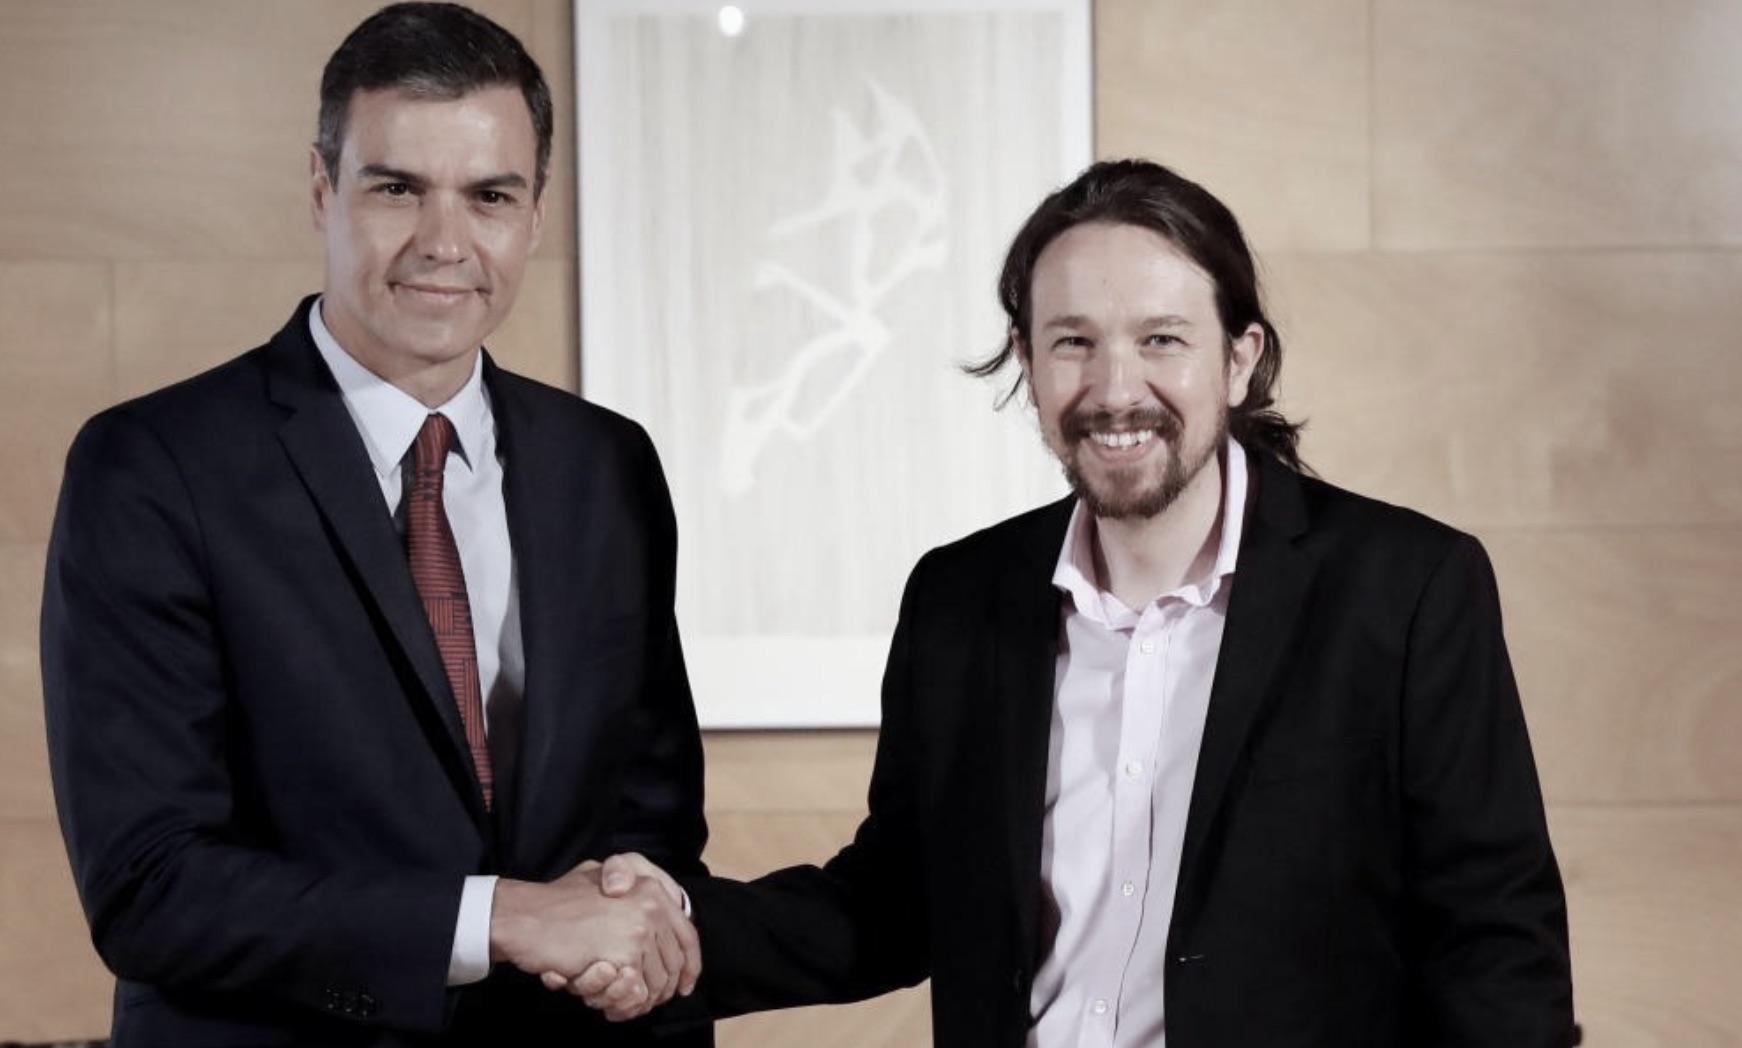 Pedro Sánchez y Pablo Iglesias, España, Acuerdo, Populismo